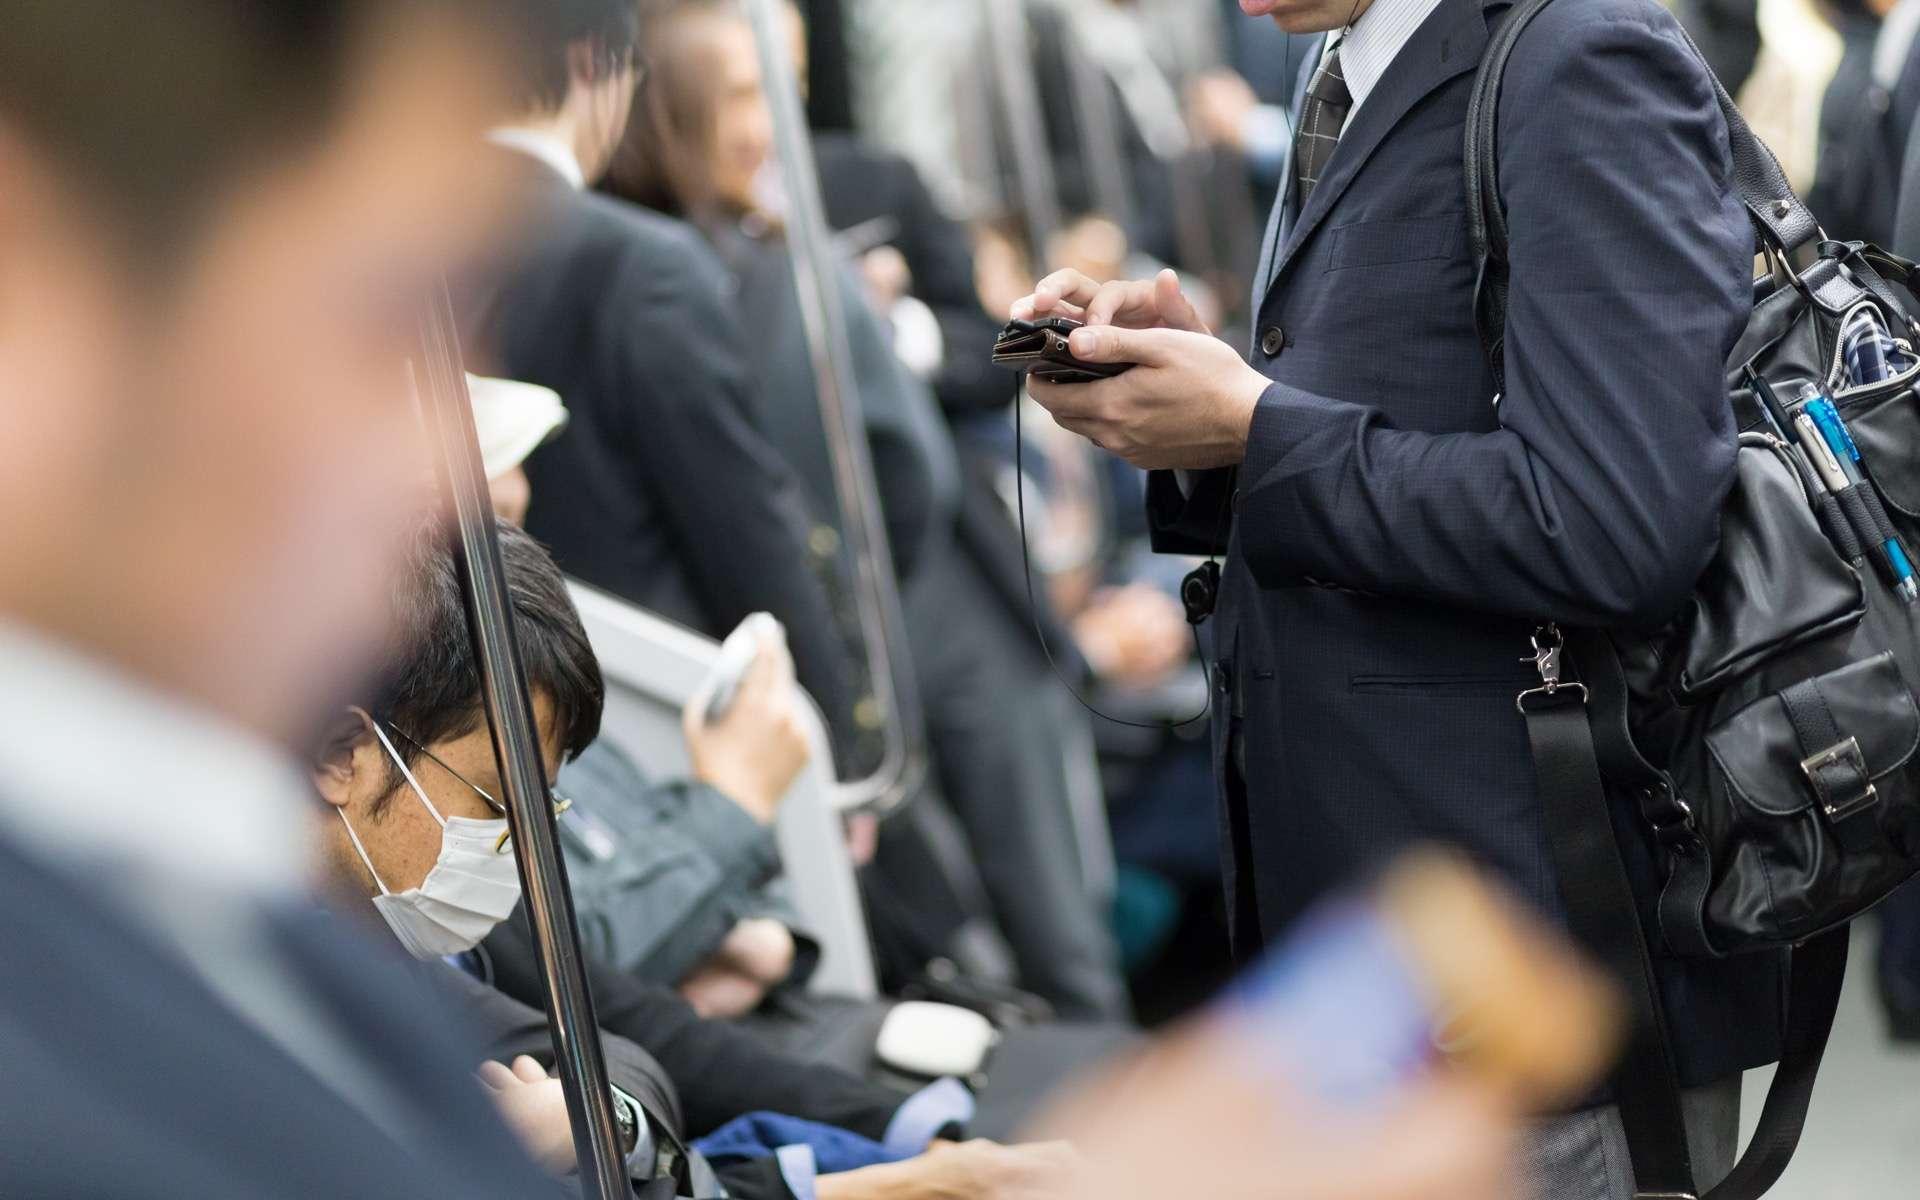 Le Bluetooth permet de transmettre des signaux de téléphone à téléphone sans la moindre connexion Internet ou mobile. © Kasto, Adobe Stock